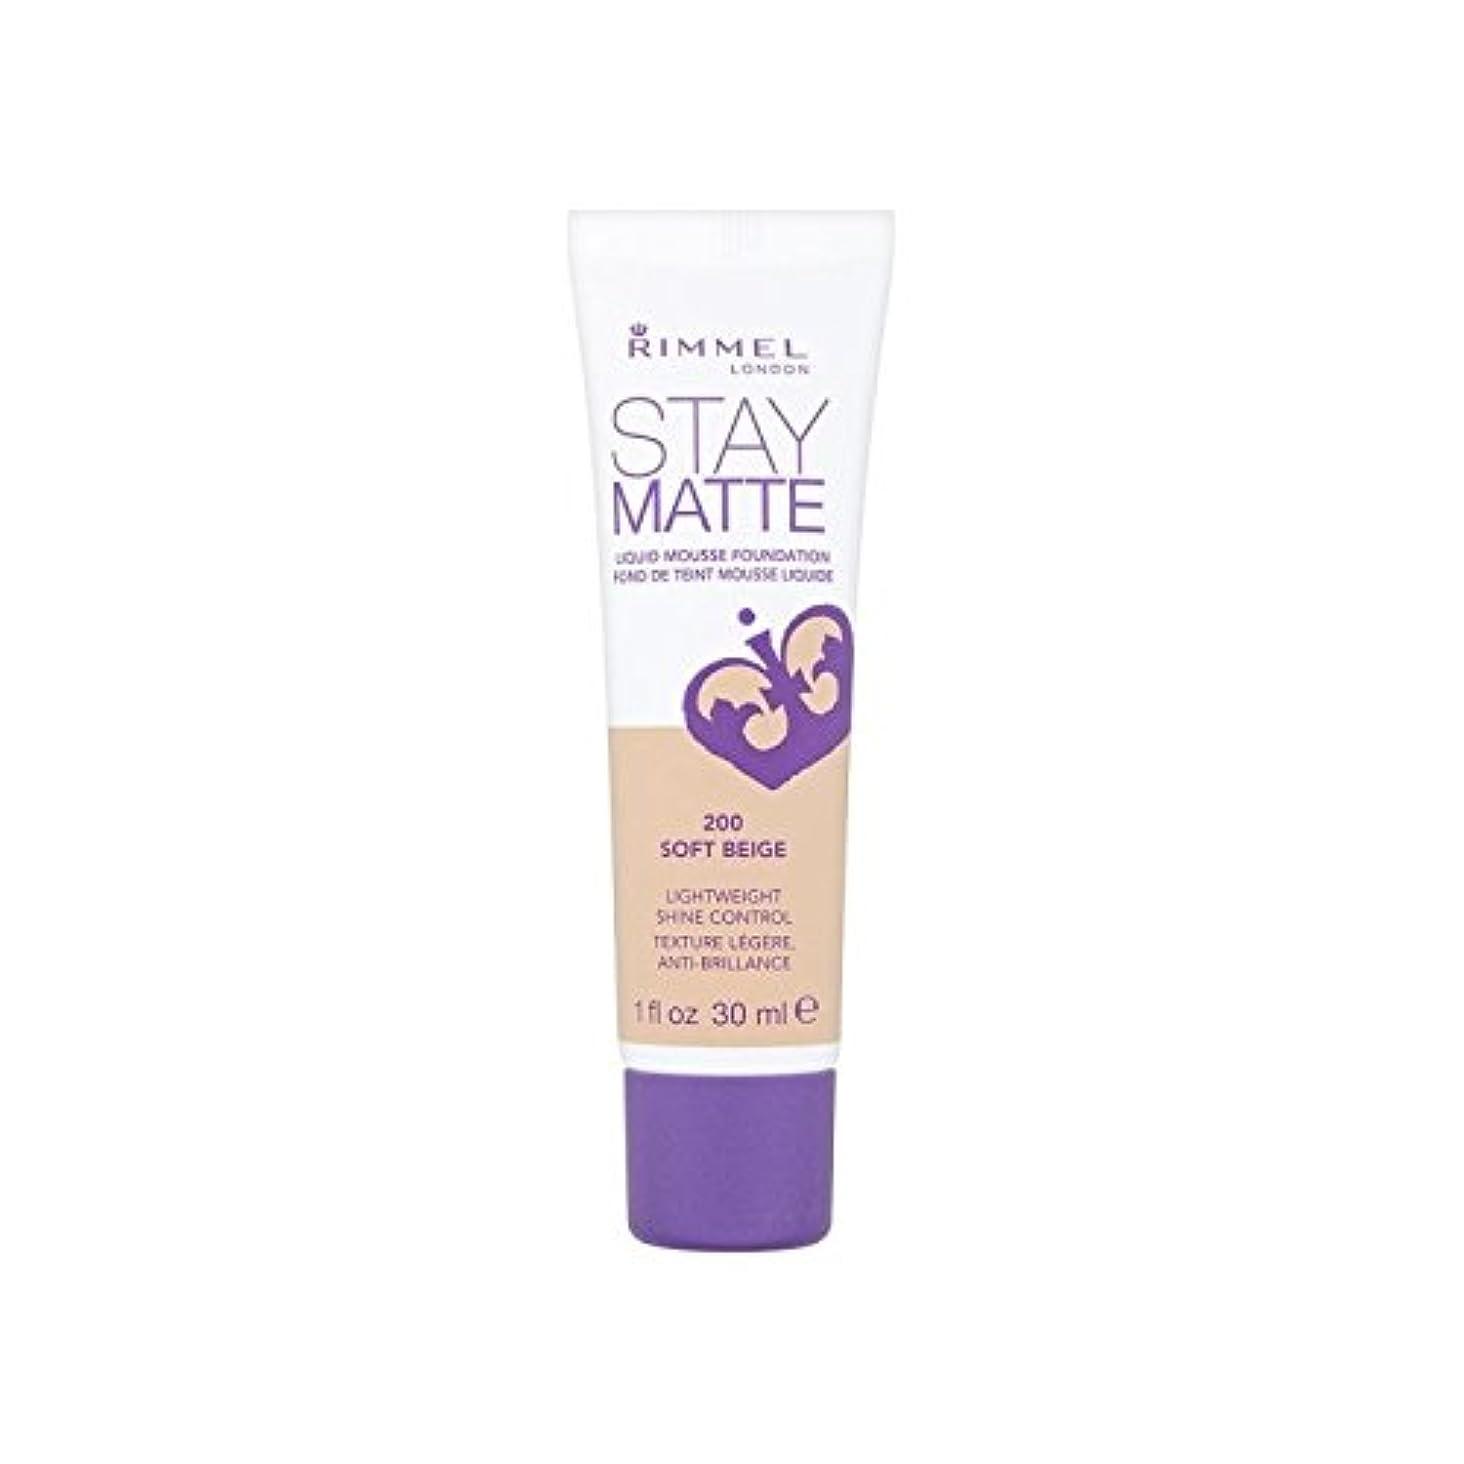 いとこ極貧純度リンメルステイマット基盤ソフトベージュ x2 - Rimmel Stay Matte Foundation Soft Beige (Pack of 2) [並行輸入品]